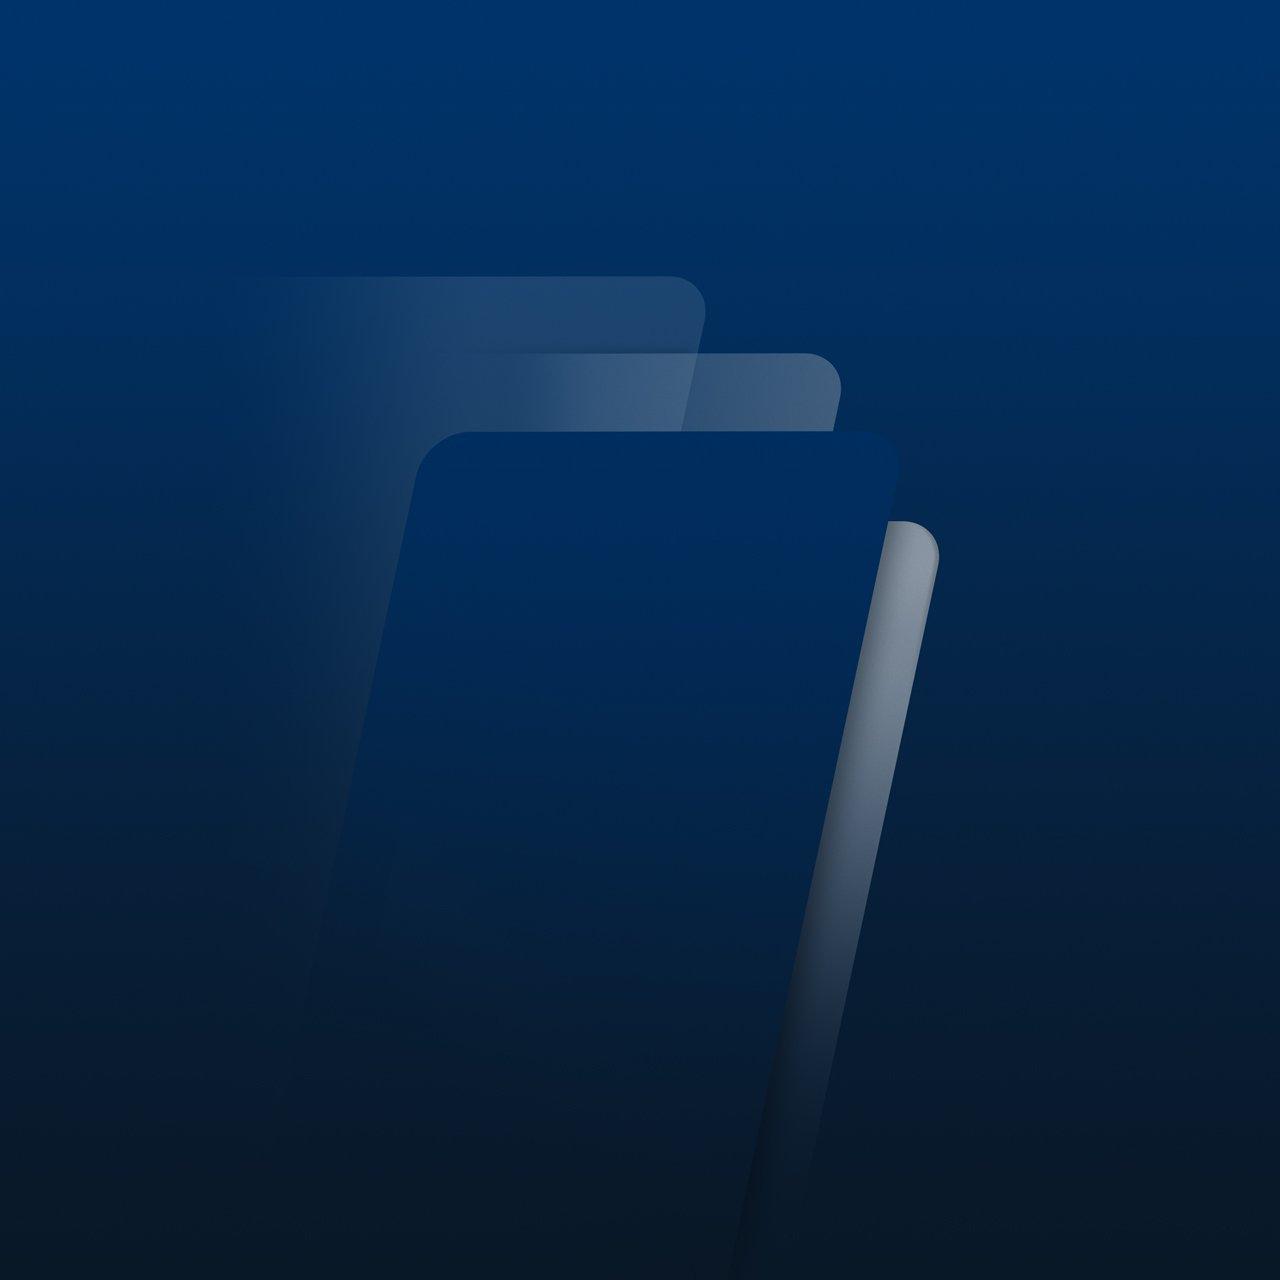 تحميل الخلفيات الرسمية 11 خلفية لجهاز Samsung Galaxy Tab A 2017